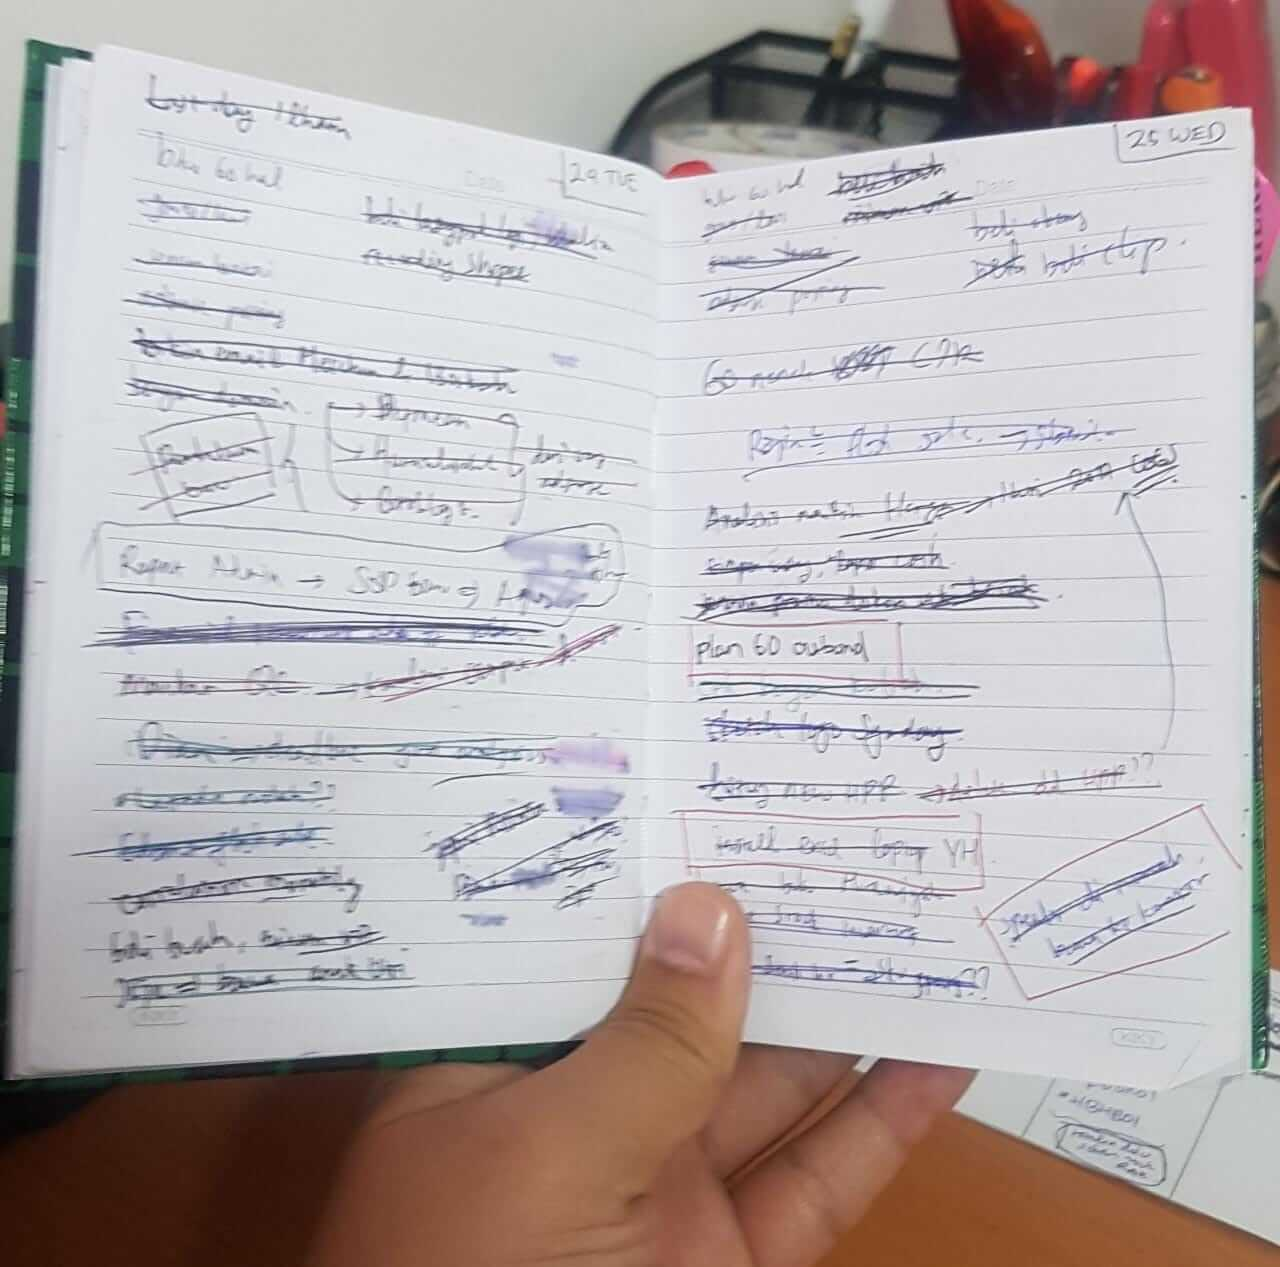 buku catatan pengingat tidak lupa